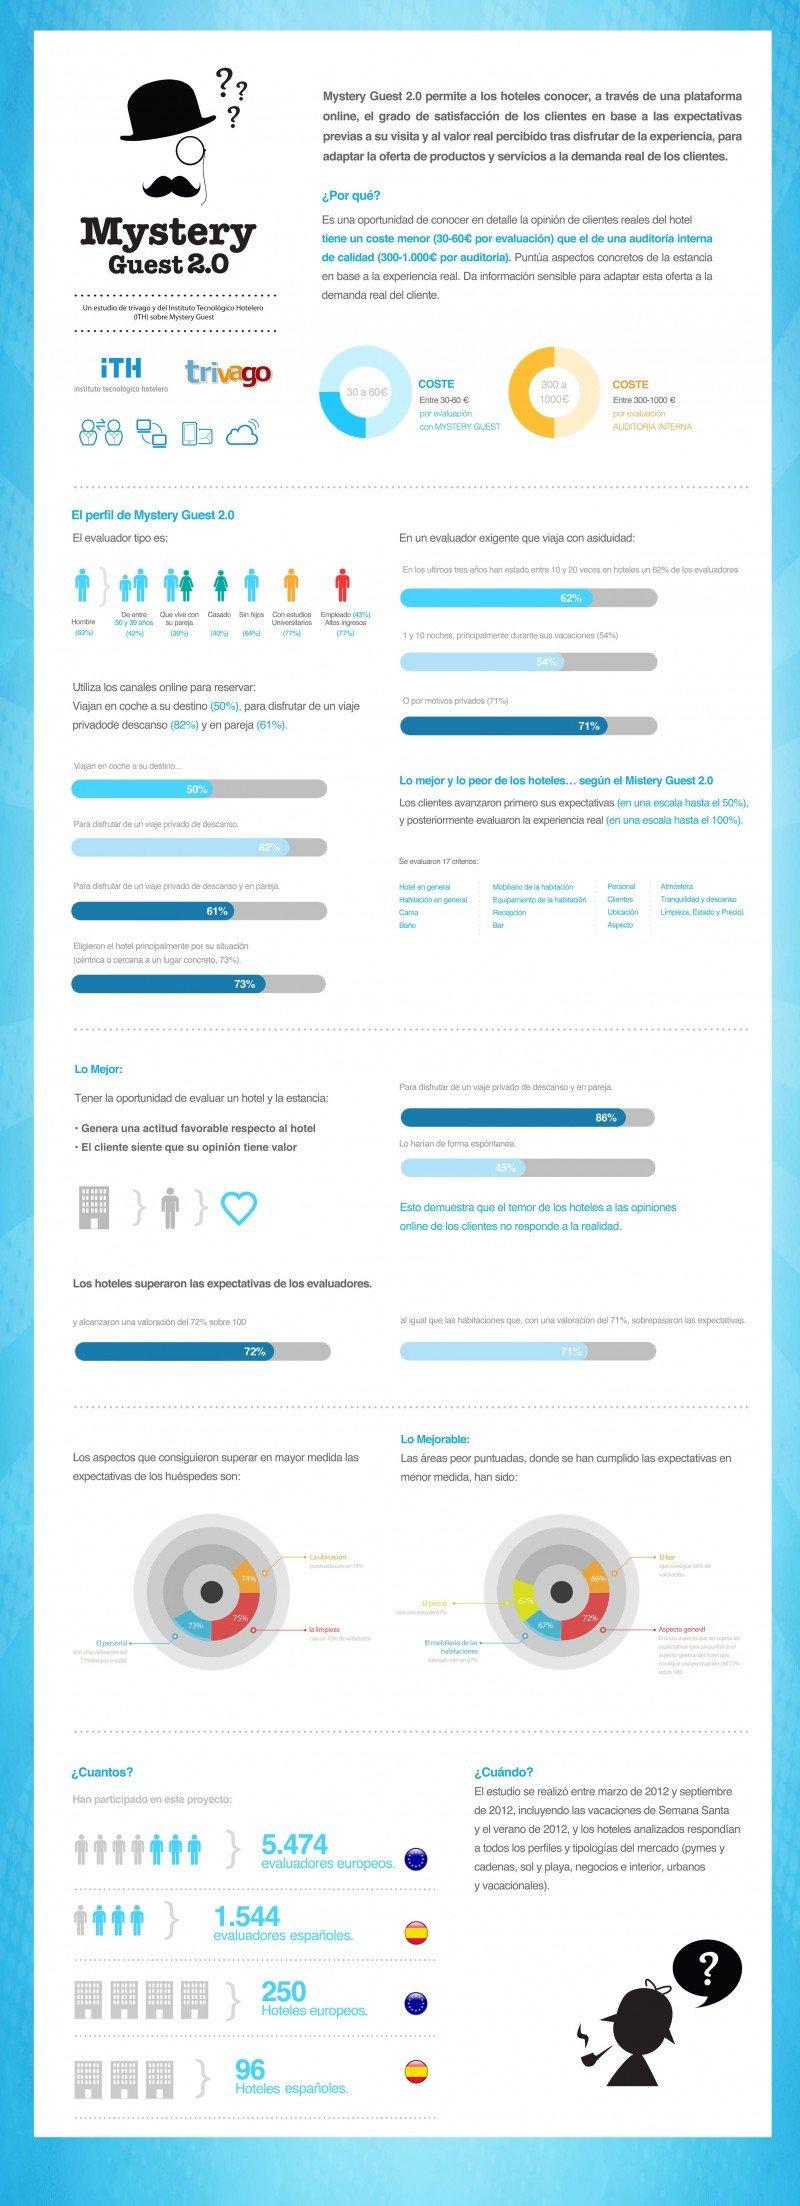 Infografía con los resultados del estudio Mystery Guest 2.0.